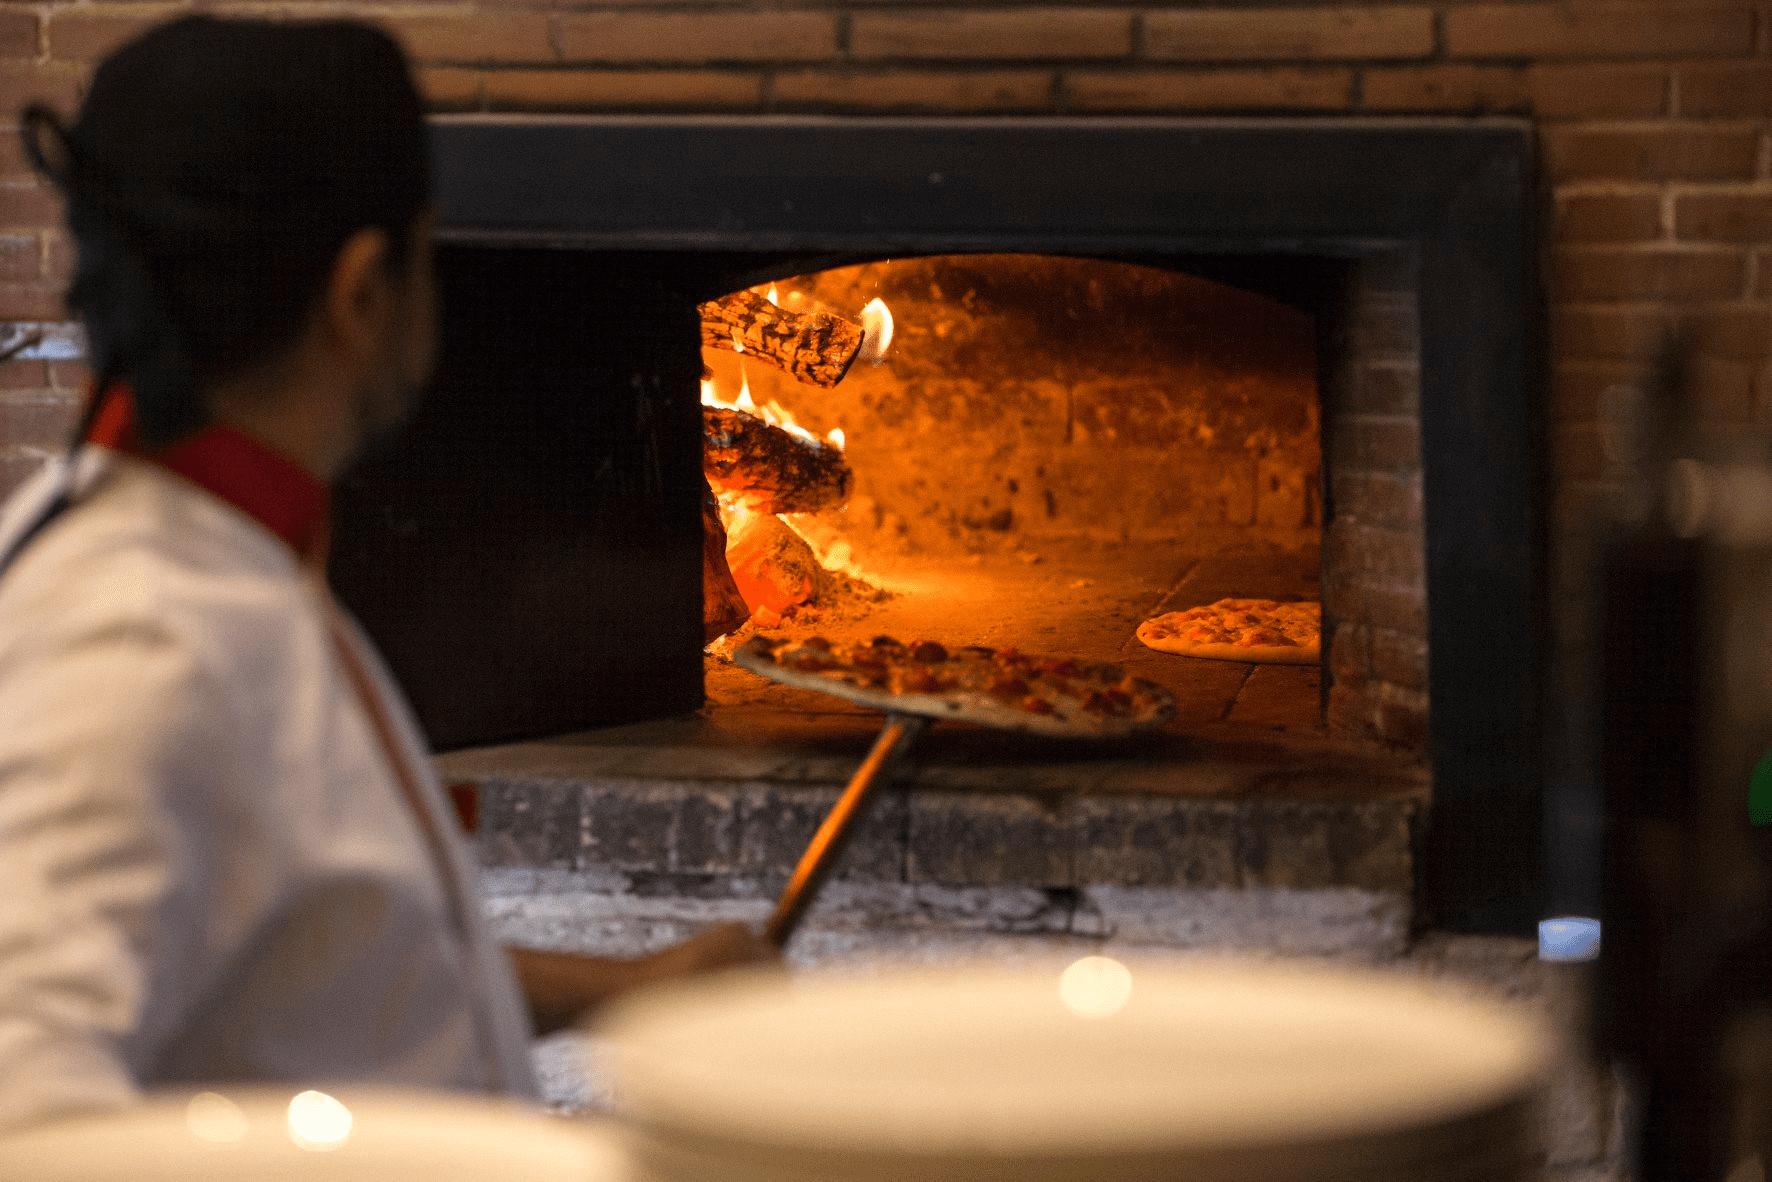 Brick-oven pizza from Mamma Mia Ristorante Italiano